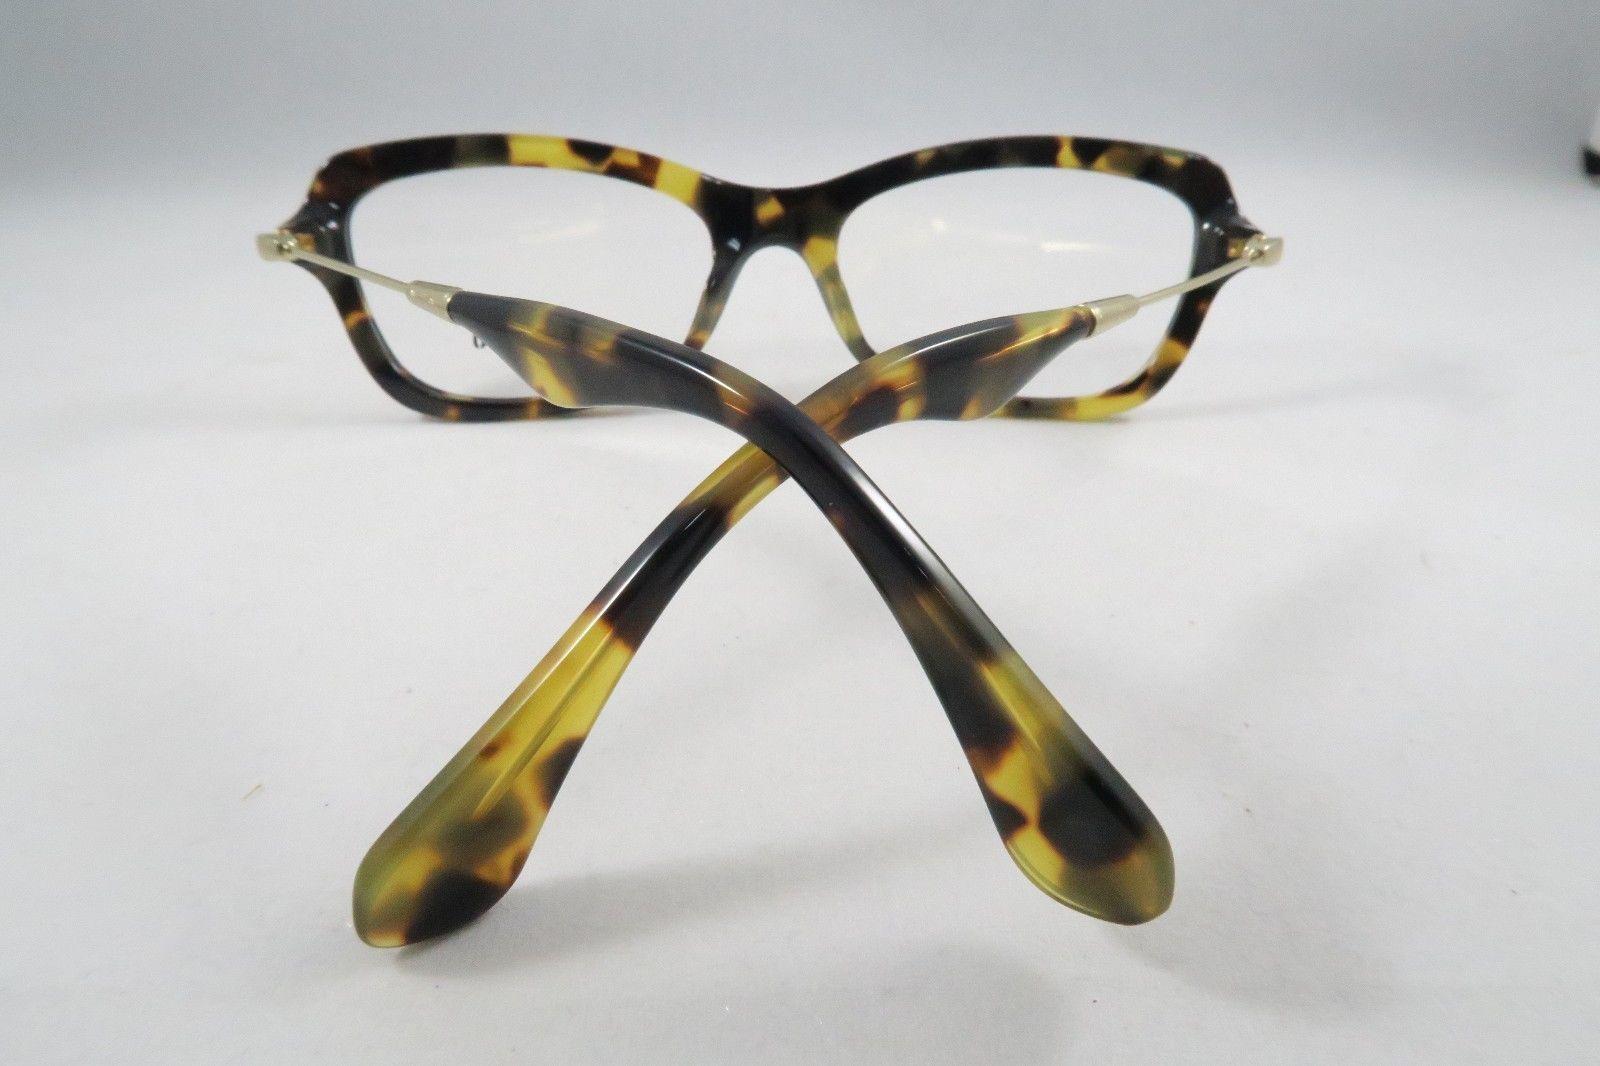 26db57d74c9c Miu Miu VMU 06L 7S0-1O1 Tortoise Spotted   Gold New Eyeglasses 54mm - 59